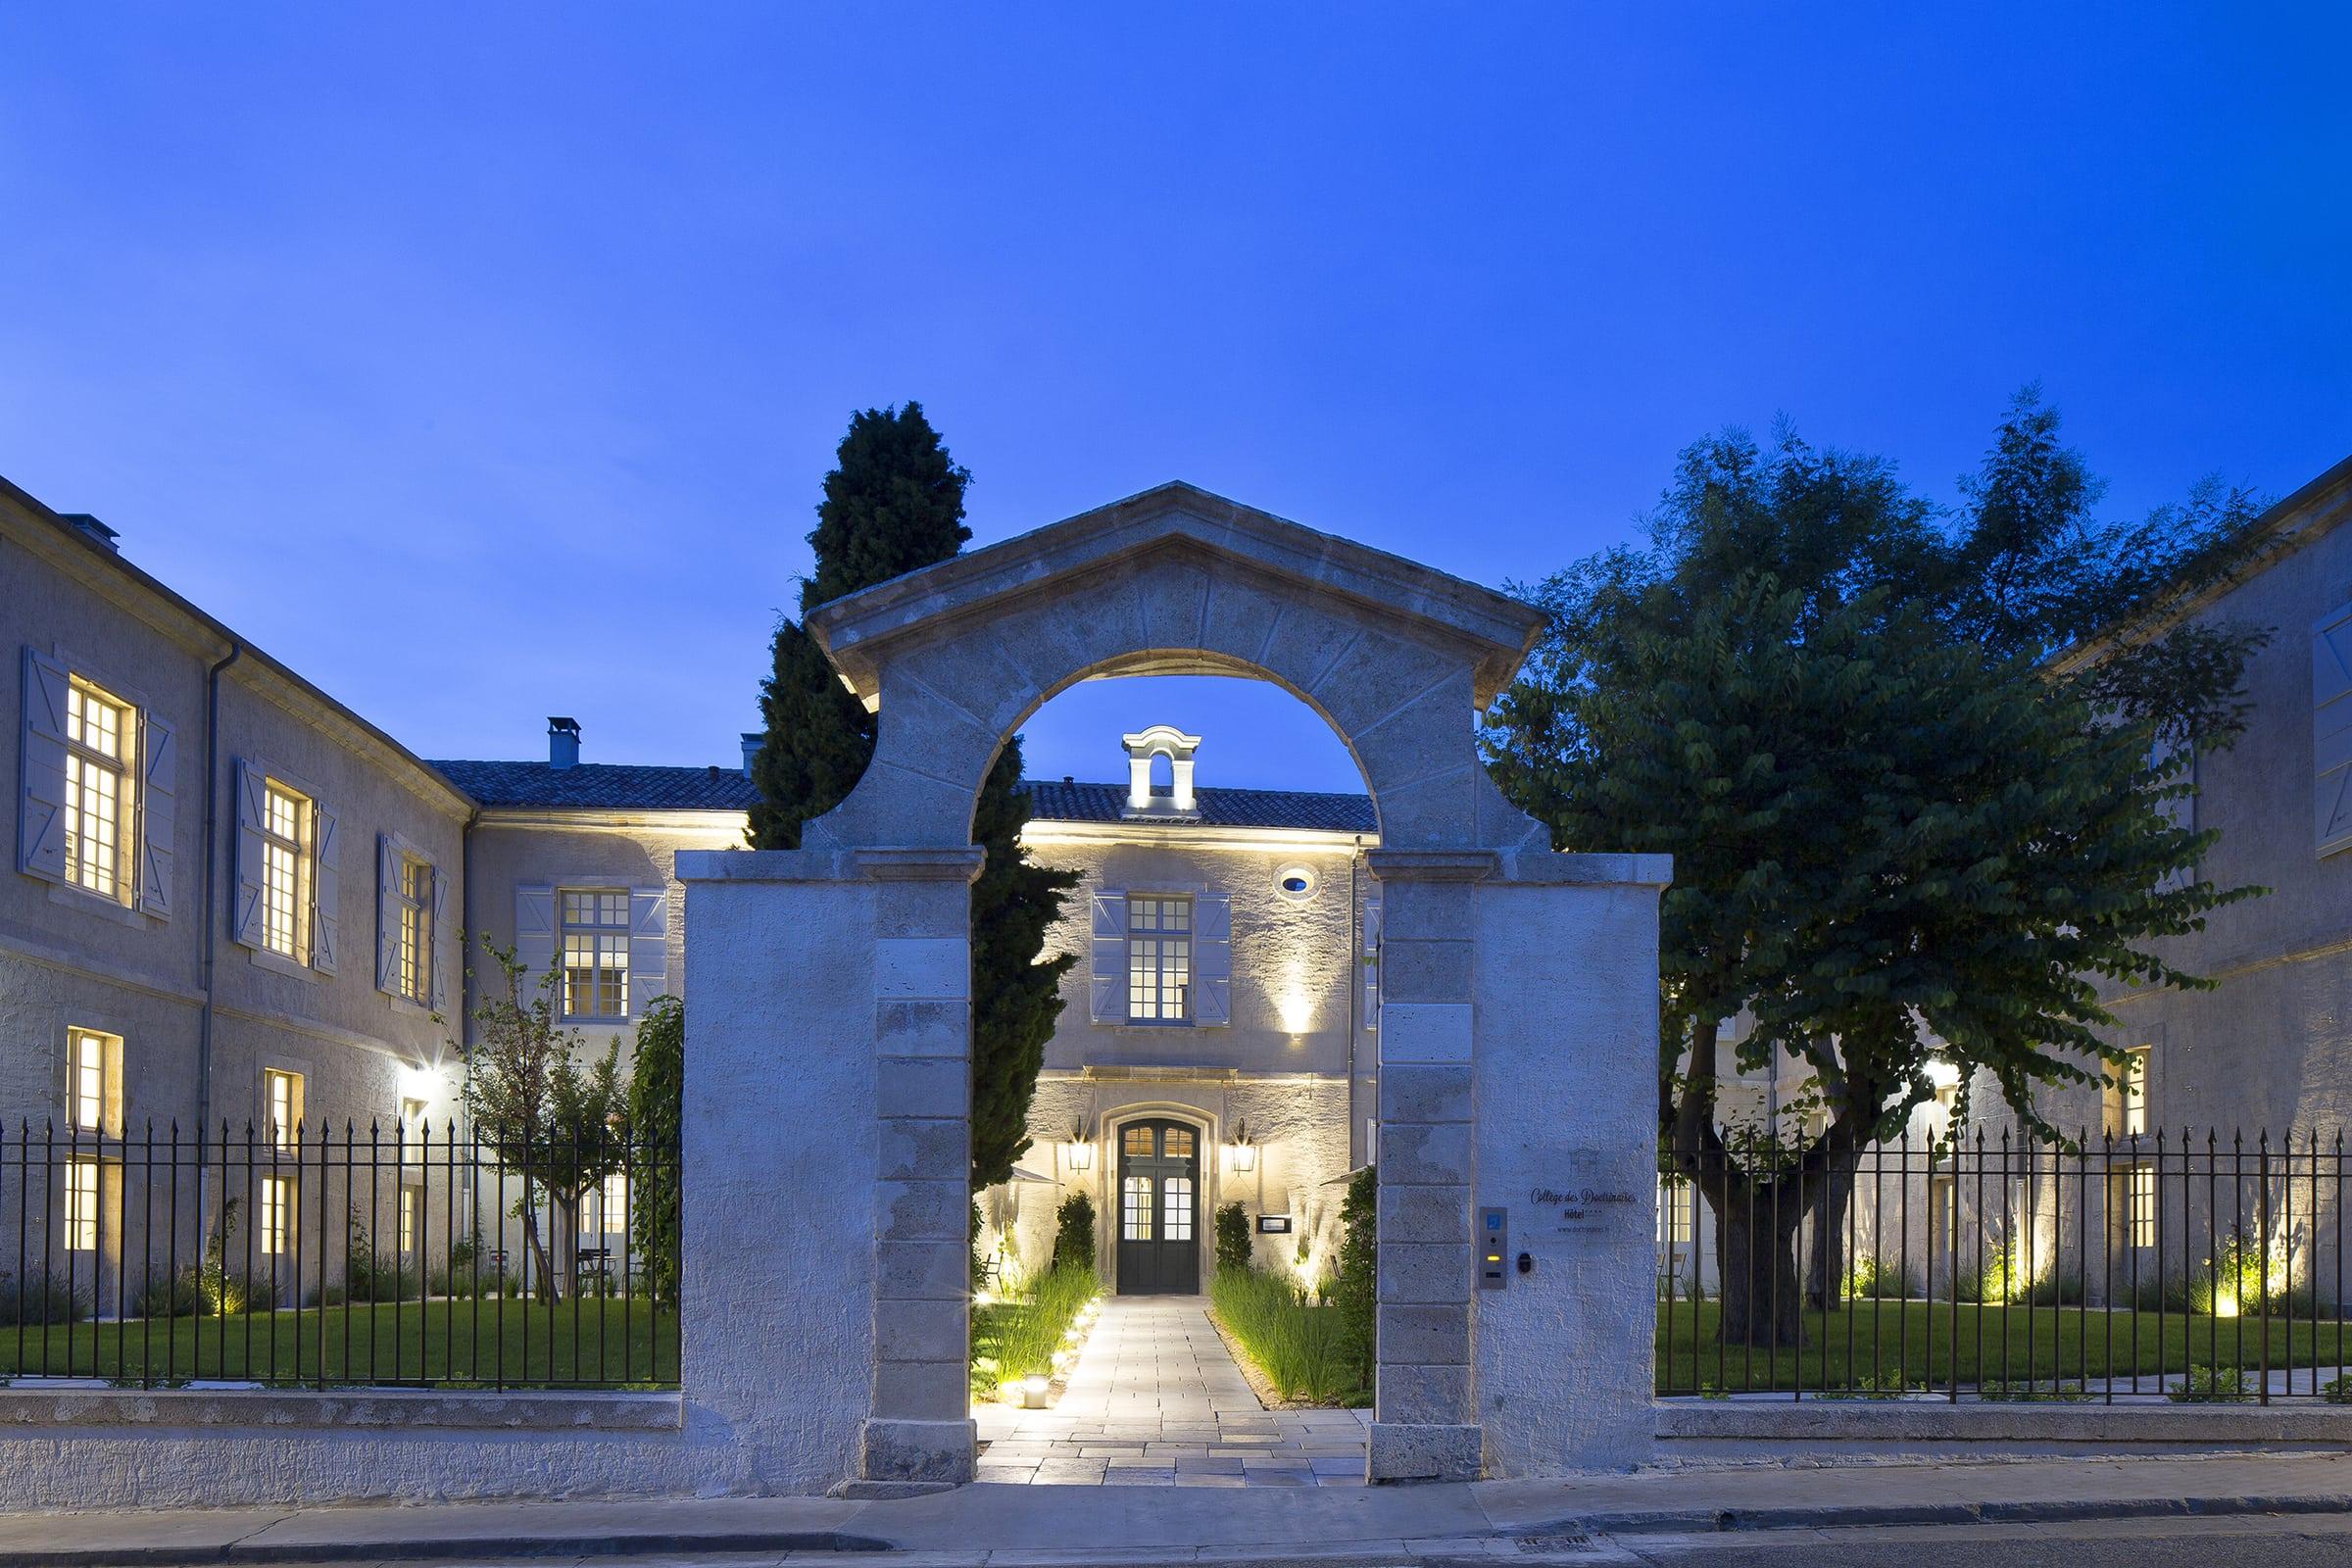 06 College Hotel des Doctinaires pierres calcaires ROCAMAT cCMoissiere